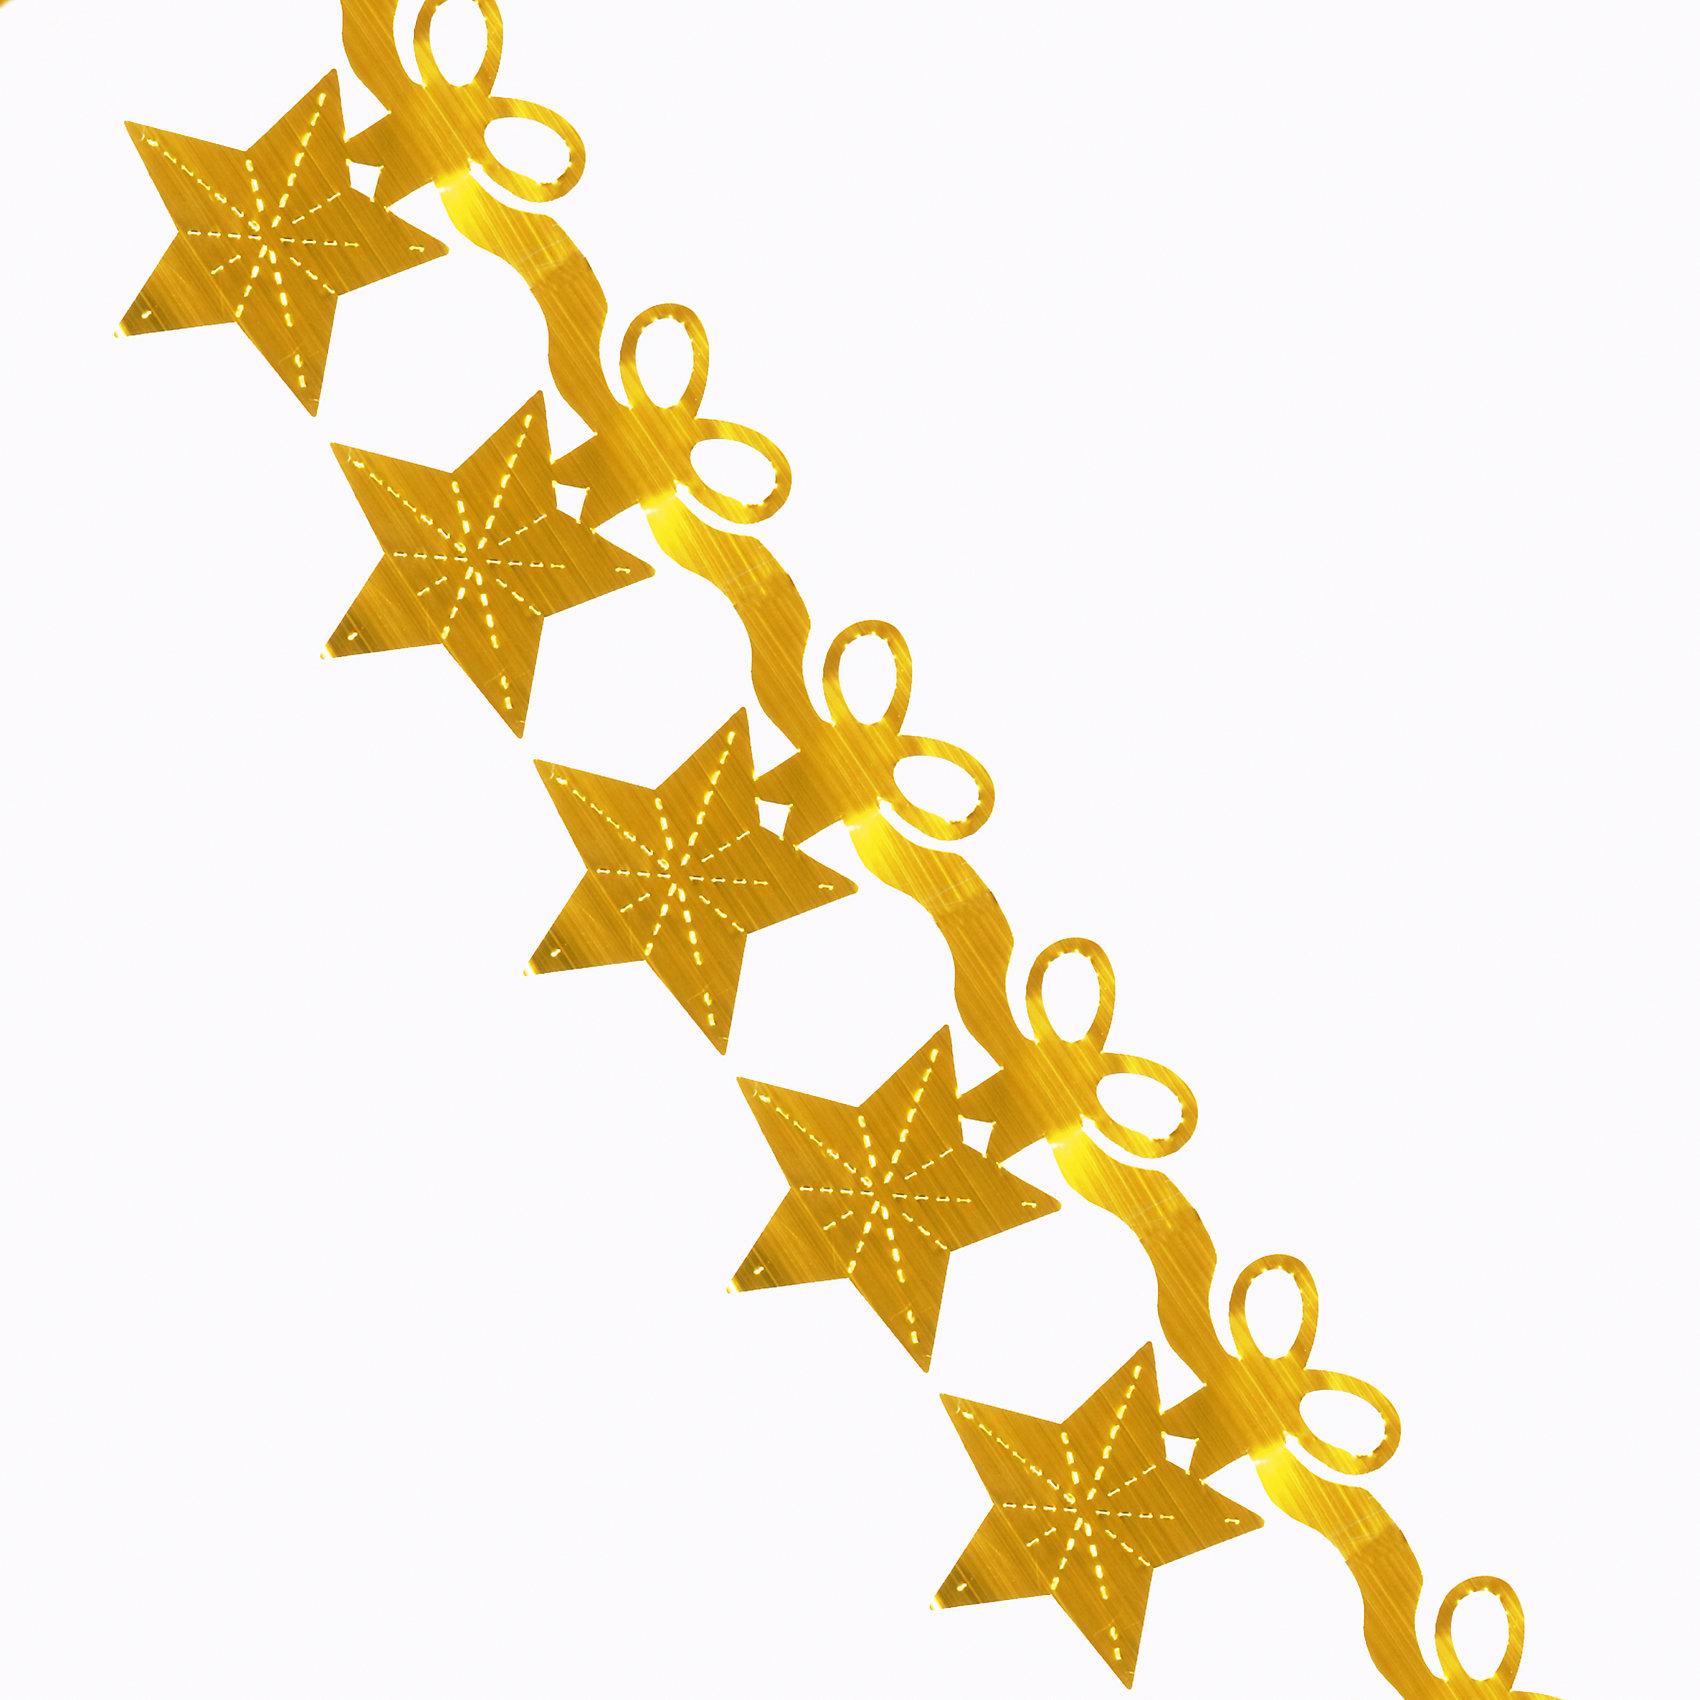 Гирлянда Звезды с бантиком 16*270 смГирлянда Звезды с бантиком, Феникс-презент, станет замечательным украшением Вашей новогодней елки или интерьера и поможет создать волшебную атмосферу новогодних праздников. Красивая золотистая гирлянда выполнена в форме звездочек, она будет чудесно смотреться<br>на елке и радовать детей и взрослых. <br><br><br>Дополнительная информация:<br><br>- Цвет: золото.<br>- Материал: ПЭТ (полиэтилентерефталат).<br>- Размер гирлянды: 16 х 270 см.<br>- Размер упаковки: 0,5 х 14 х 13 см.<br>- Вес: 10 гр. <br><br>Гирлянду Звезды с бантиком, Феникс-презент, можно купить в нашем интернет-магазине.<br><br>Ширина мм: 5<br>Глубина мм: 140<br>Высота мм: 130<br>Вес г: 10<br>Возраст от месяцев: 36<br>Возраст до месяцев: 2147483647<br>Пол: Унисекс<br>Возраст: Детский<br>SKU: 4274686